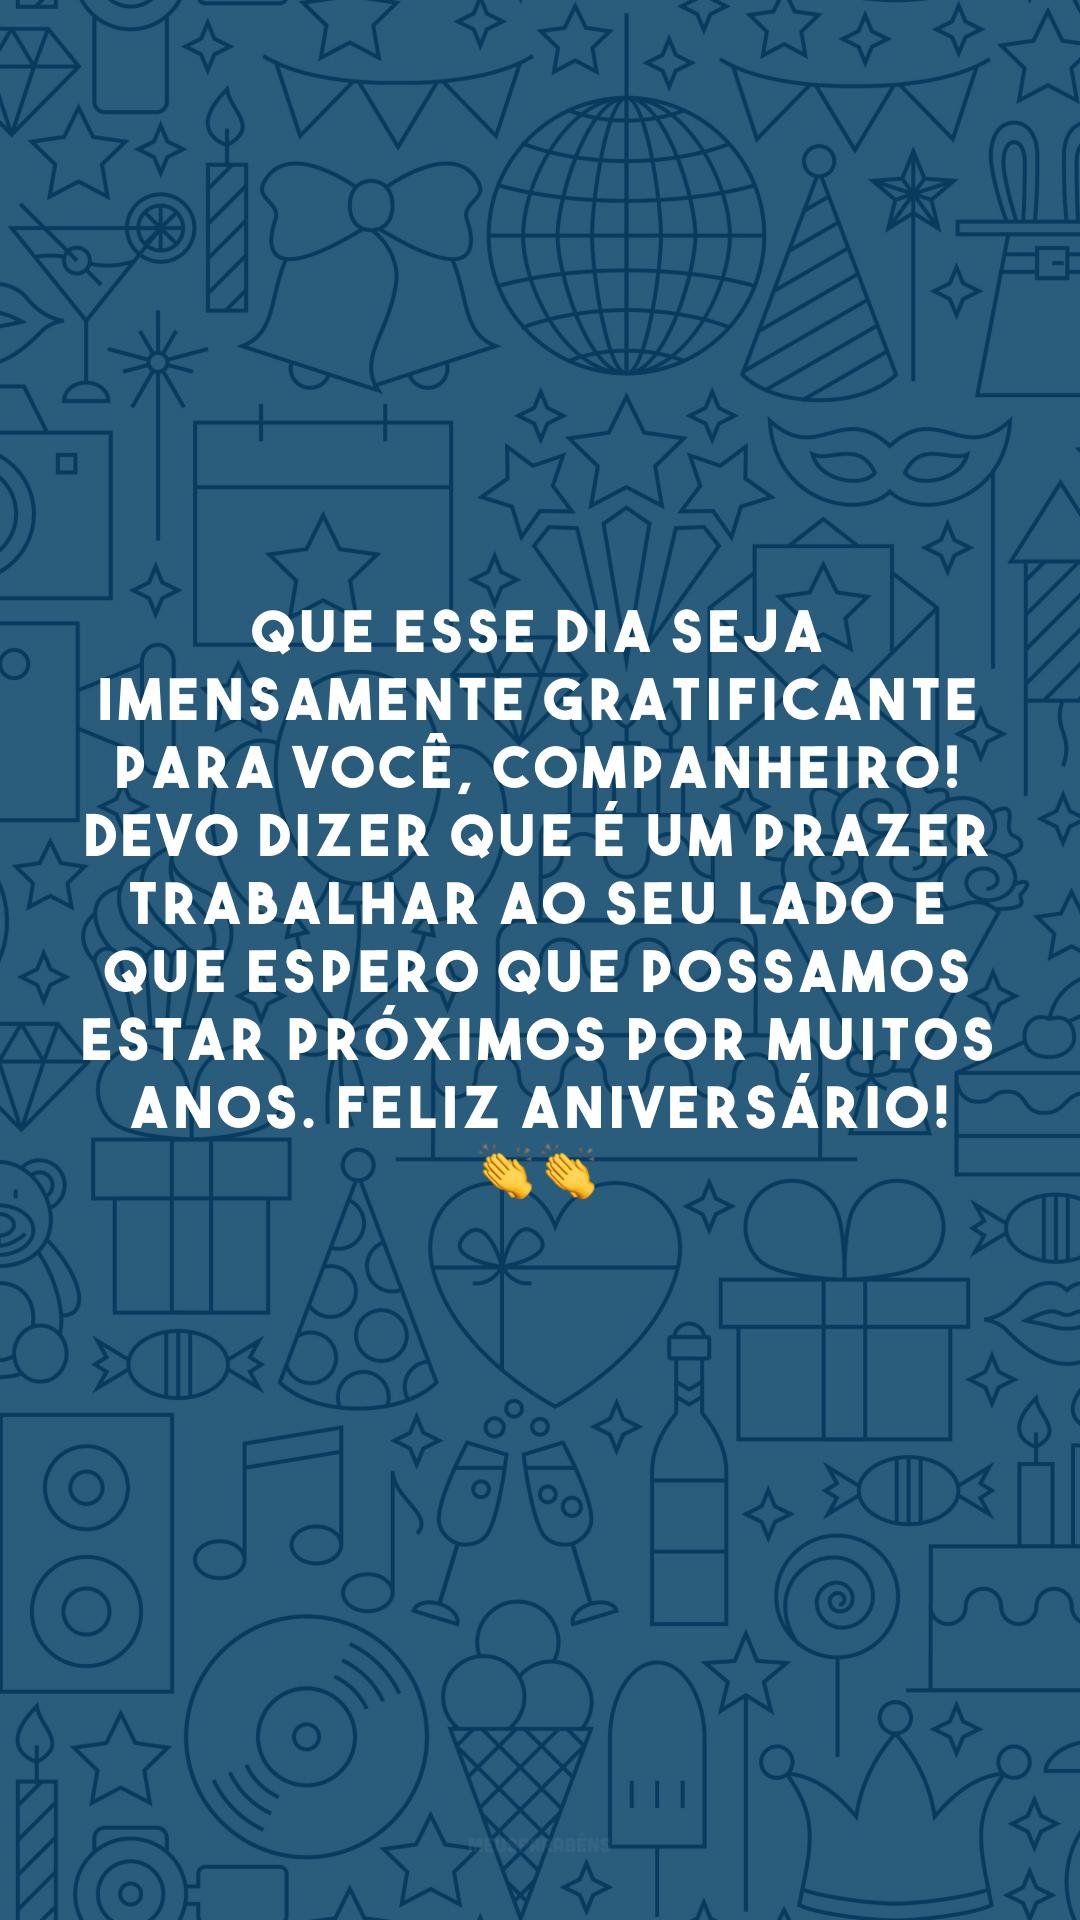 Que esse dia seja imensamente gratificante para você, companheiro! Devo dizer que é um prazer trabalhar ao seu lado e que espero que possamos estar próximos por muitos anos. Feliz aniversário! 👏 👏